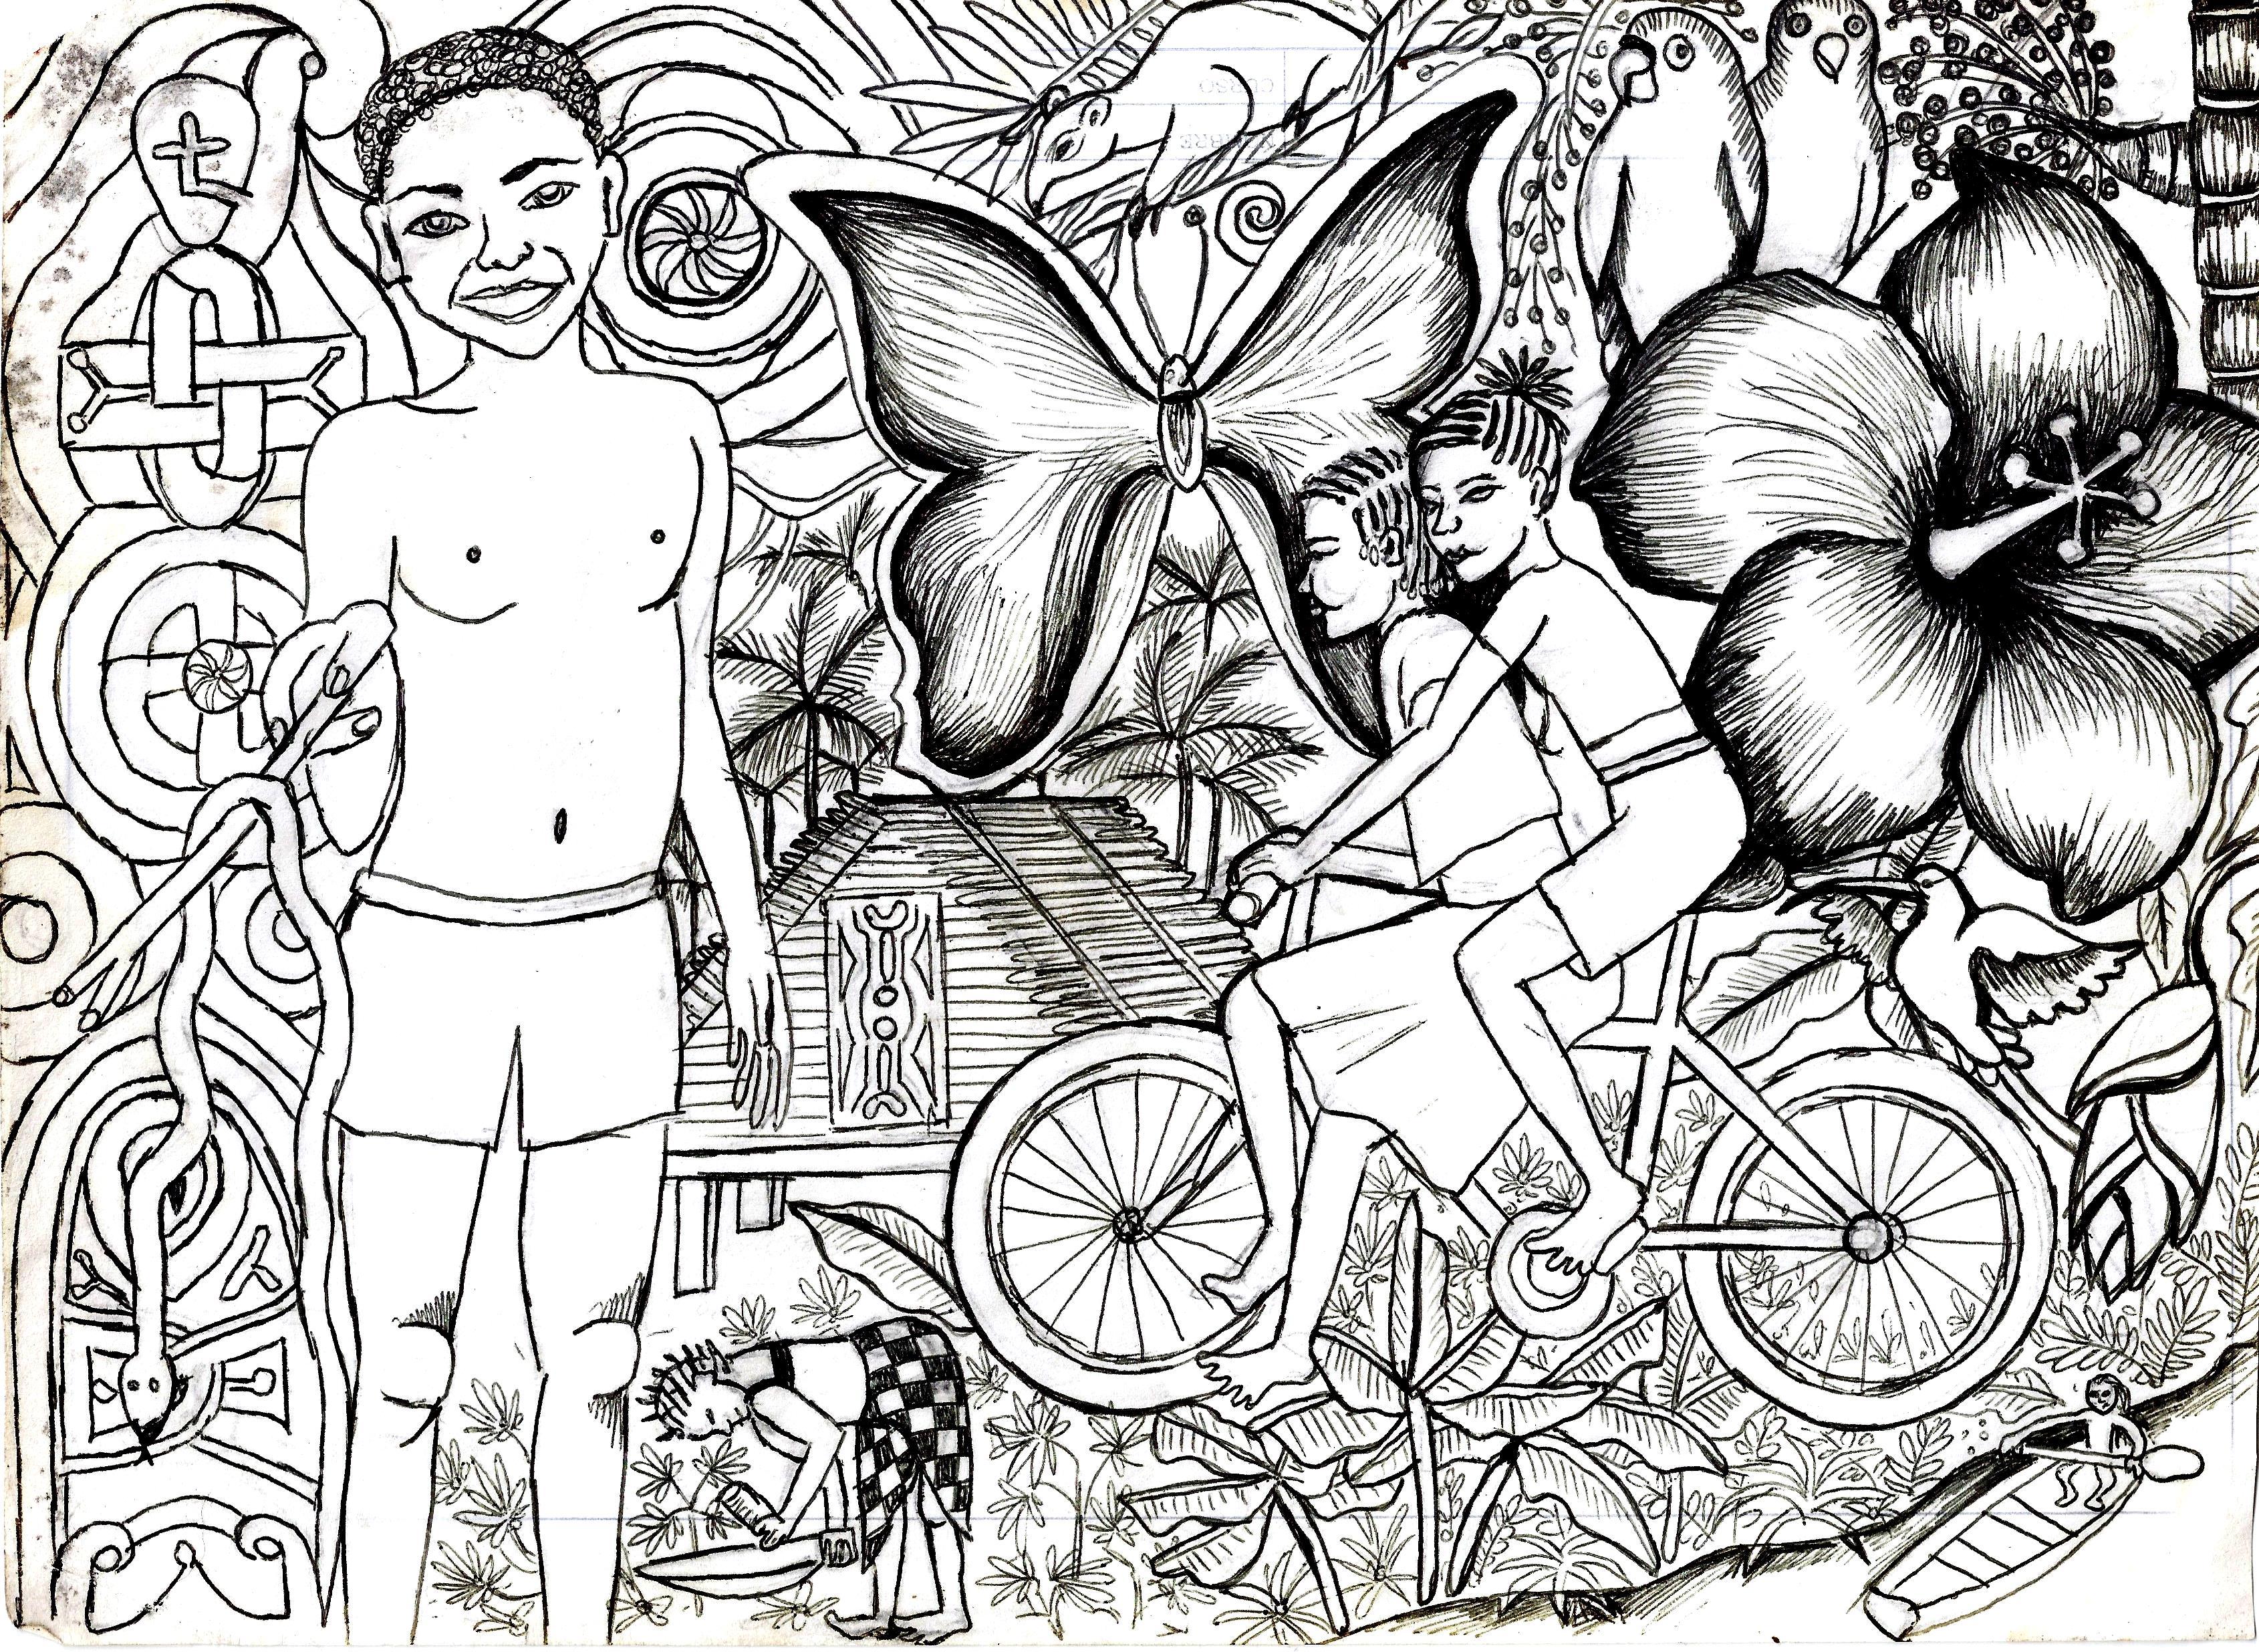 Guiana culture drawing